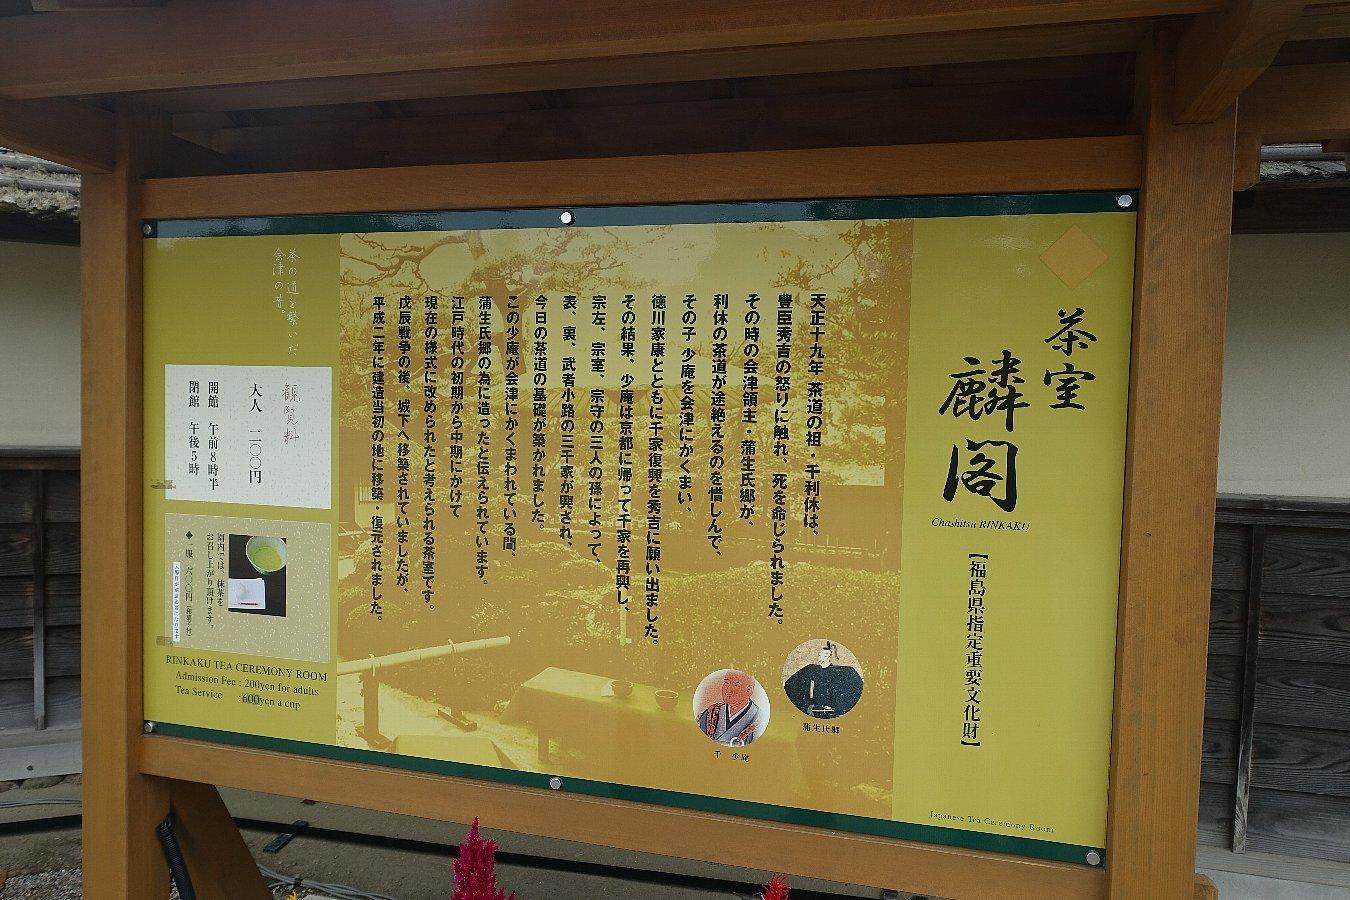 鶴ヶ城公園 茶室「麟閣」_c0112559_08310303.jpg